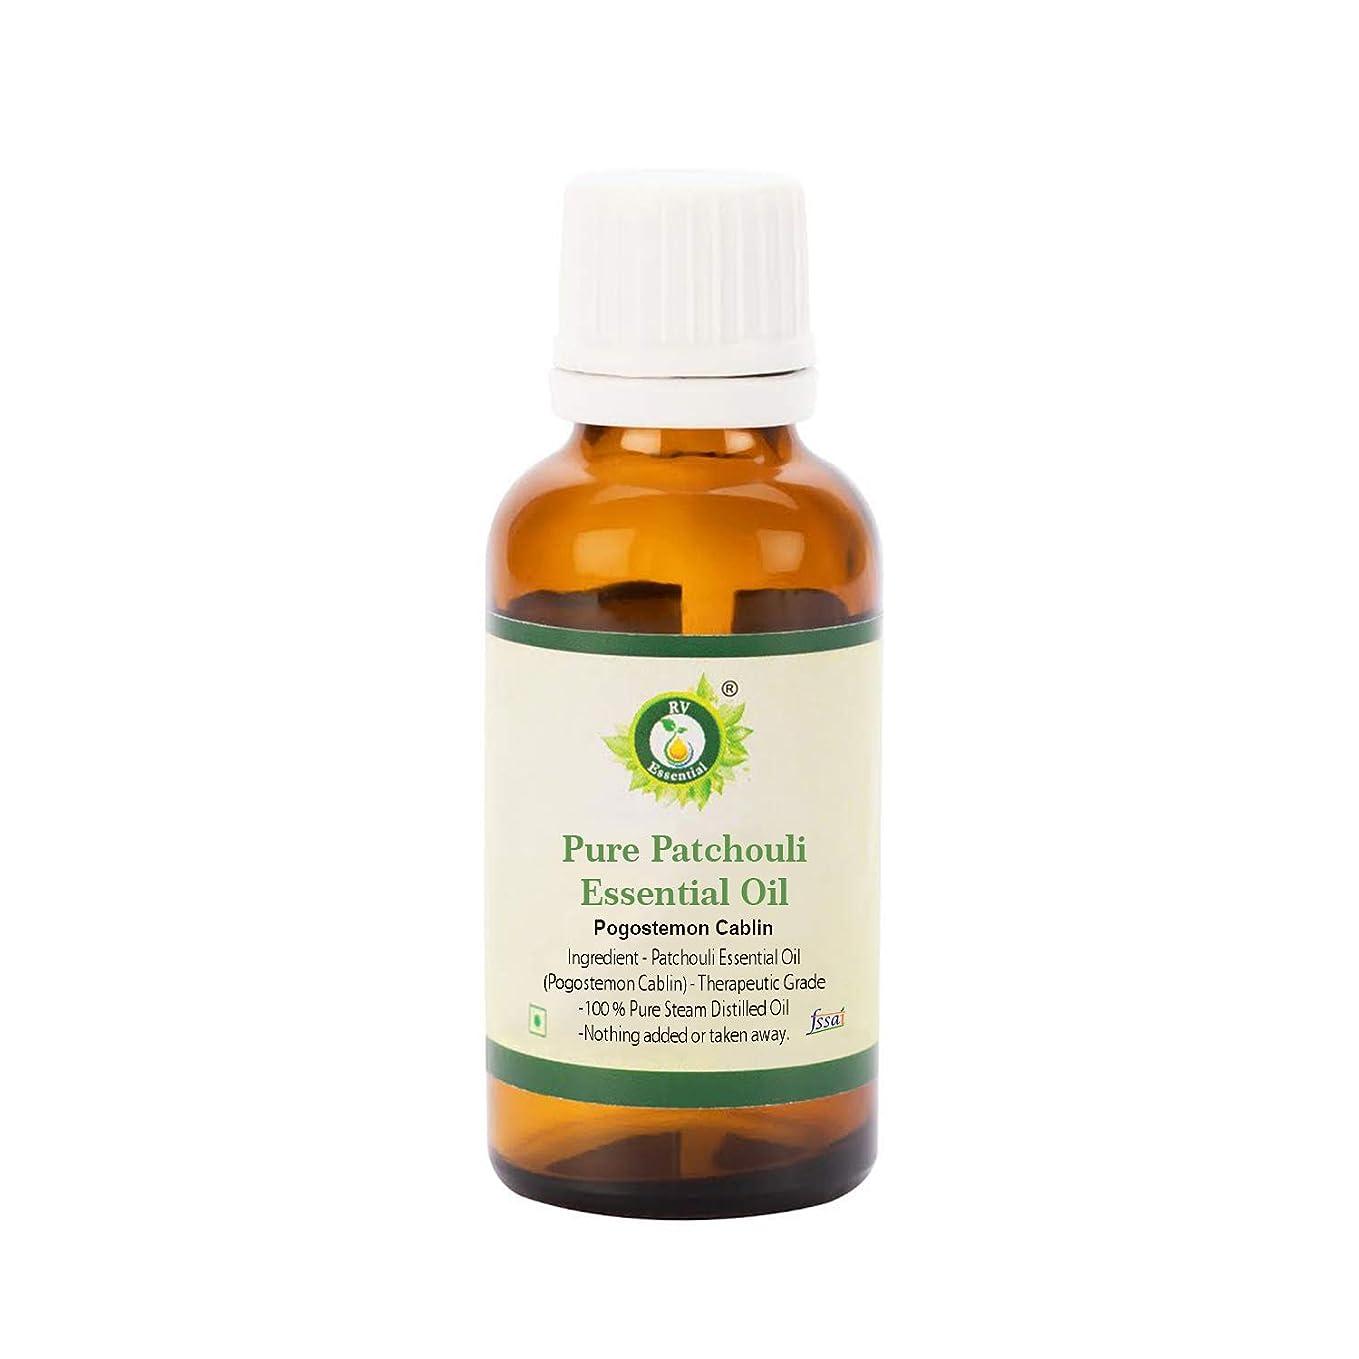 接尾辞シティ皮R V Essential ピュアパチュリーエッセンシャルオイル30ml (1.01oz)- Pogostemon Cablin (100%純粋&天然スチームDistilled) Pure Patchouli Essential Oil